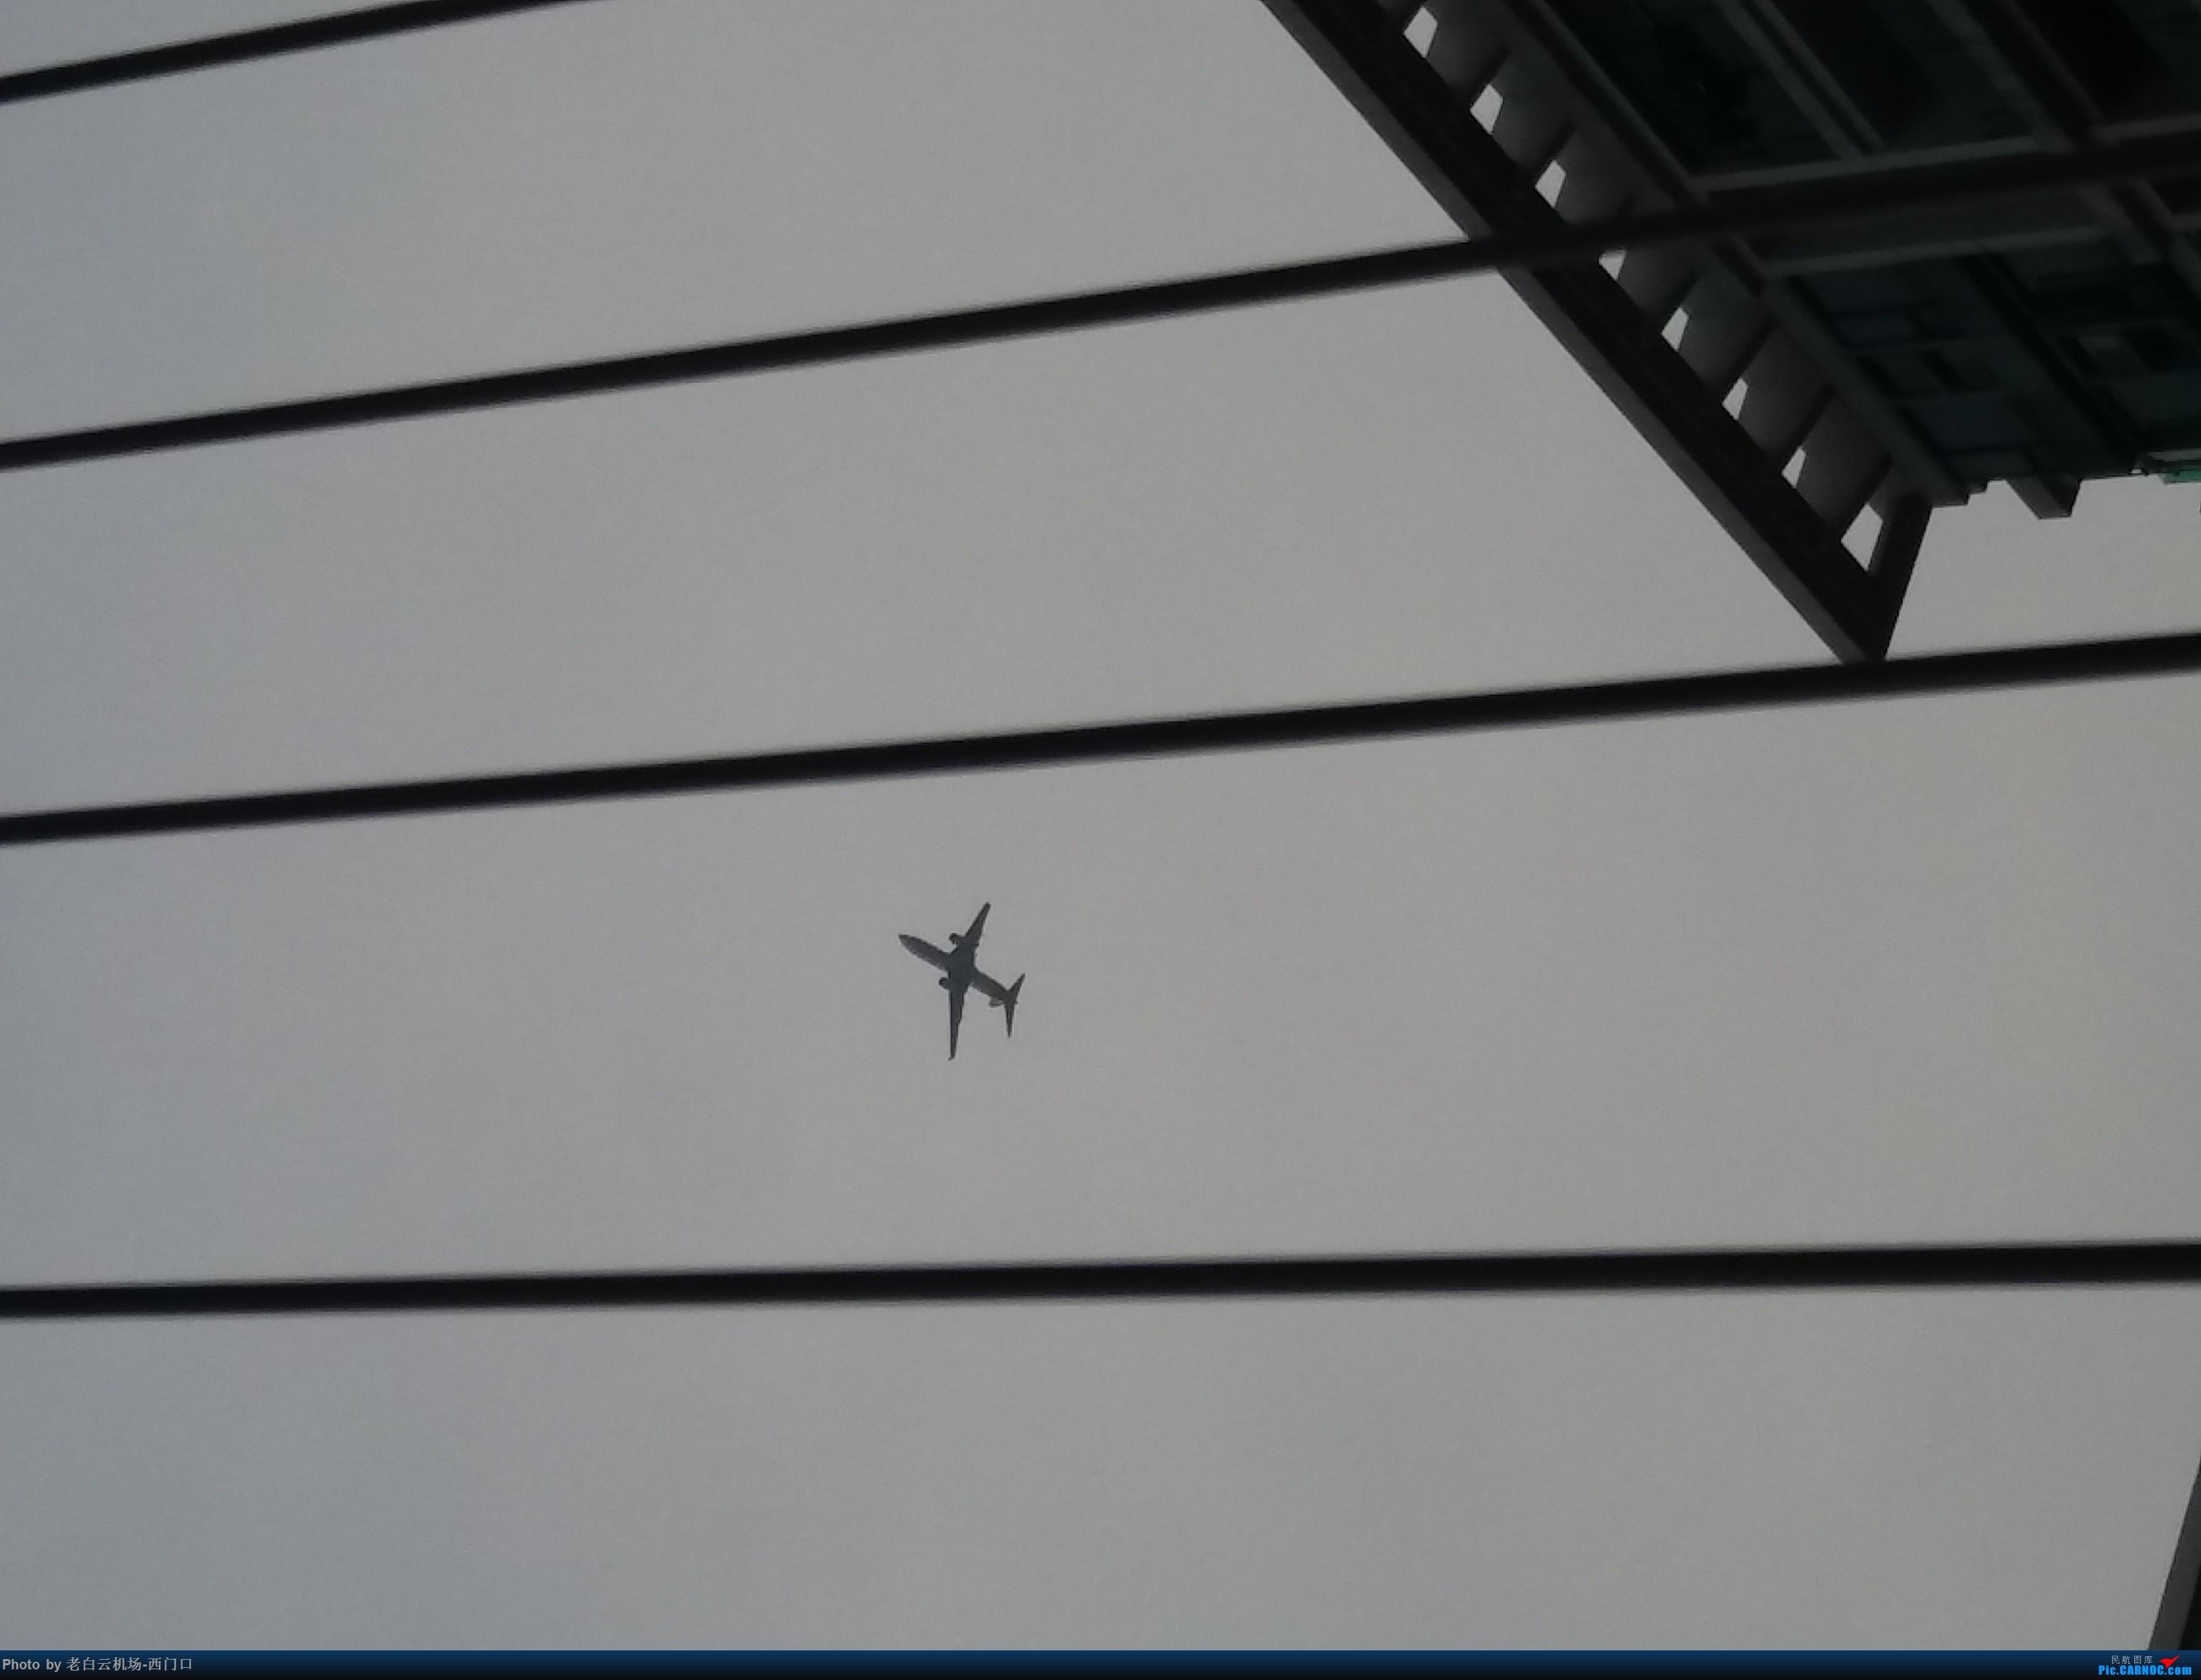 Re:[原创]我的拍飞机心情(广州) 不明 不明 中国广东省广州市荔湾区西门口广场上空